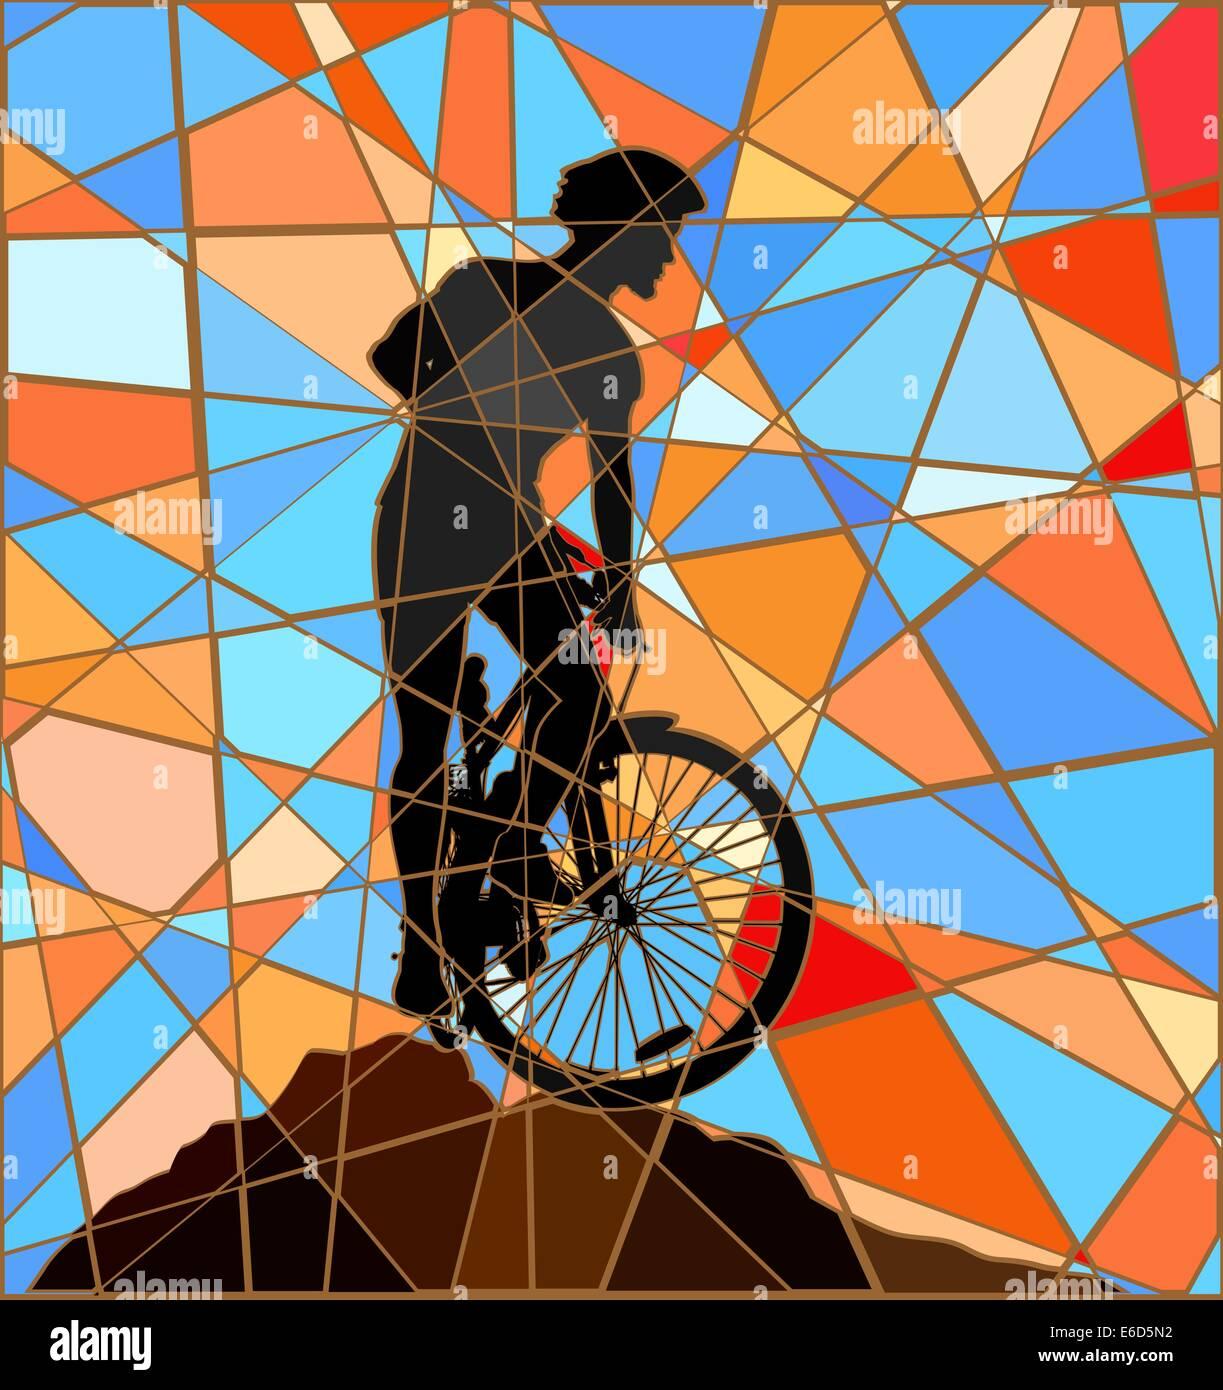 Vettoriale modificabile mosaico colorato illustrazione di un mountain biker silhouette alta su un crinale Immagini Stock